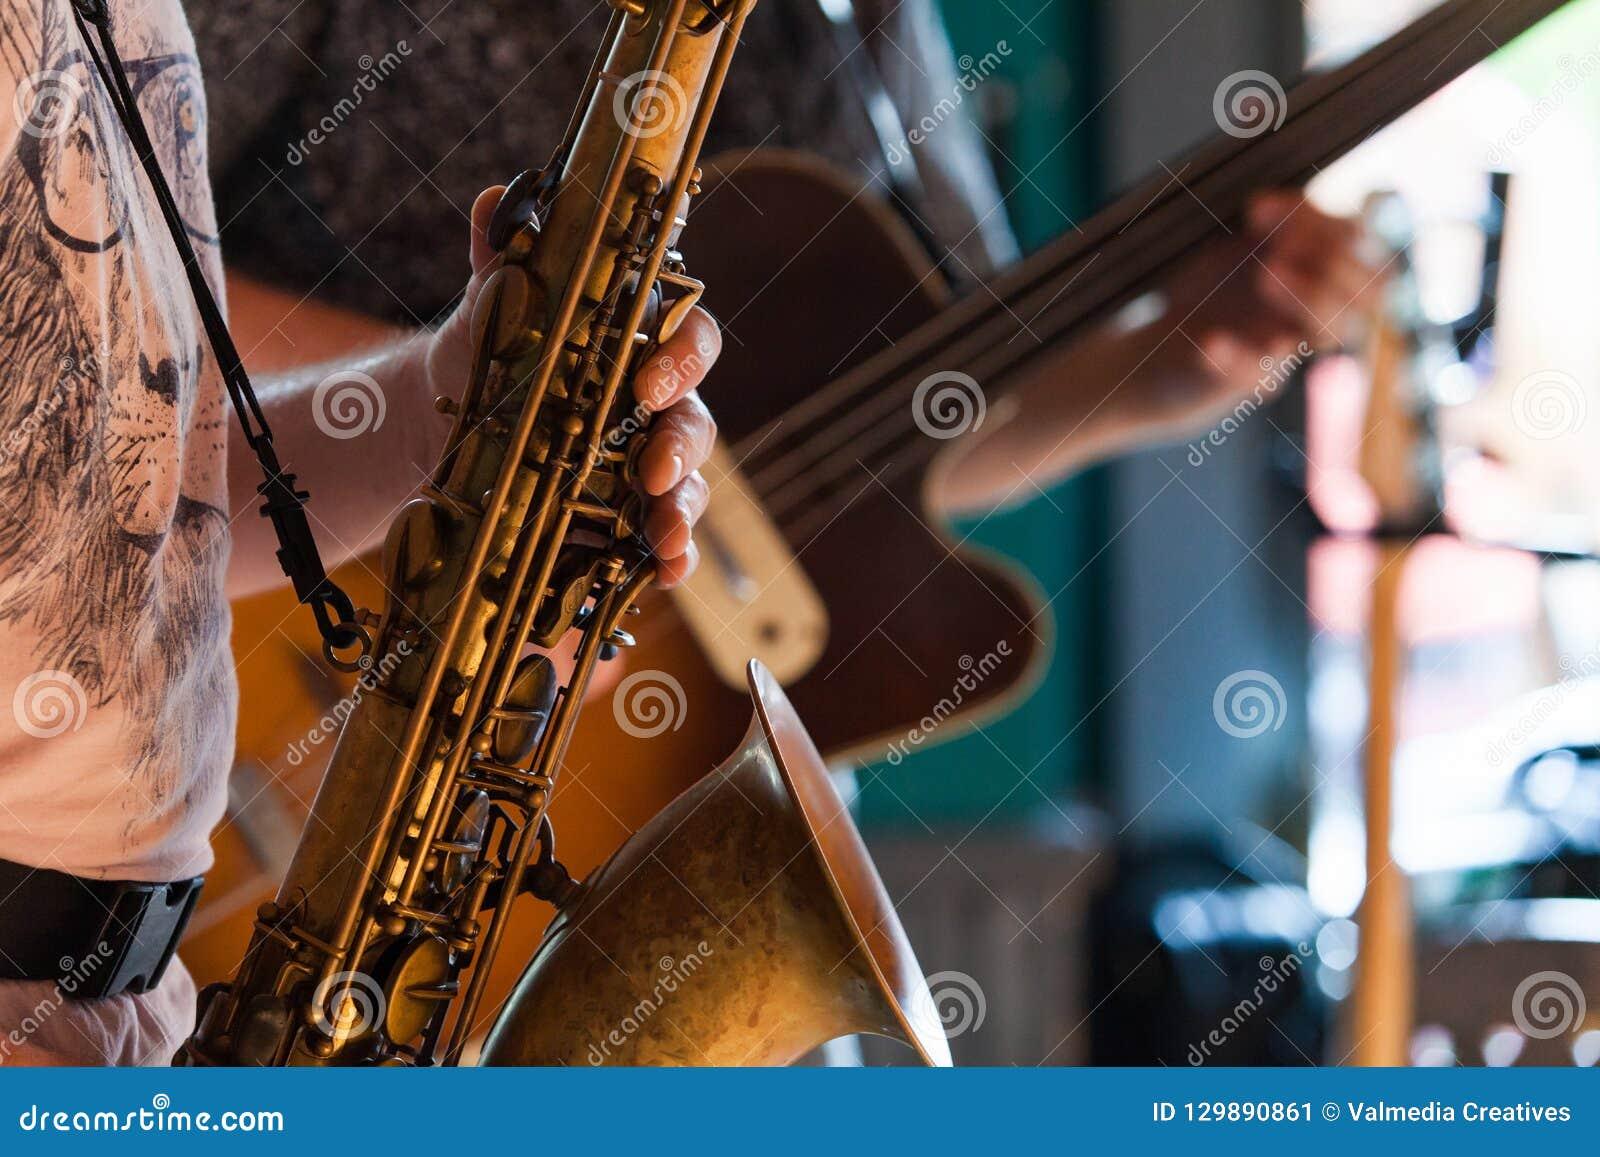 Ο φορέας Saxophone γενικής ιδέας παίζει μια τζαζ σόλο σε ένα μπαρ